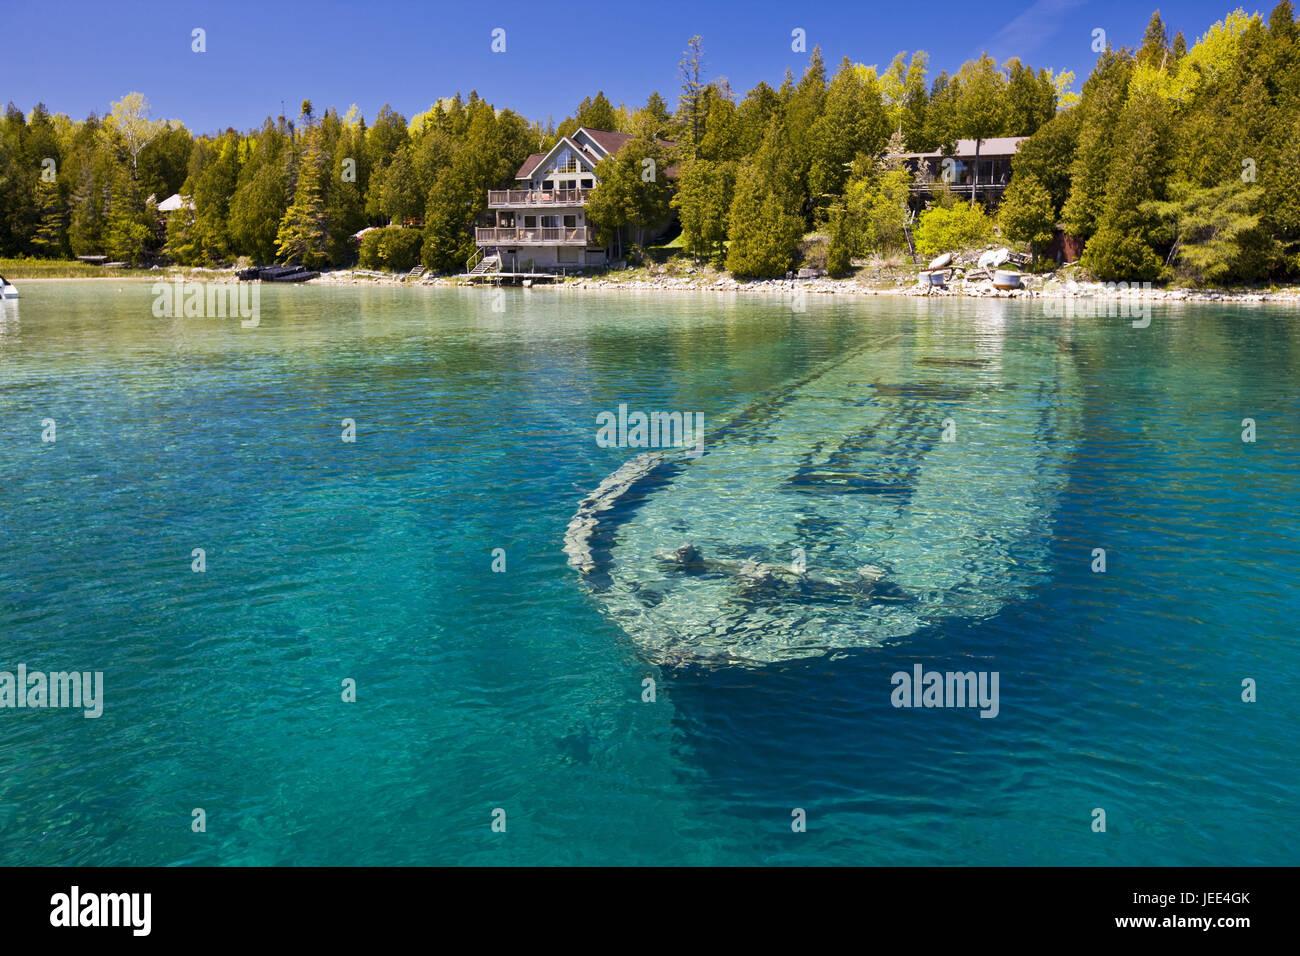 Canada, Ontario, brine Huron, Big Tub Harbour, water, ship